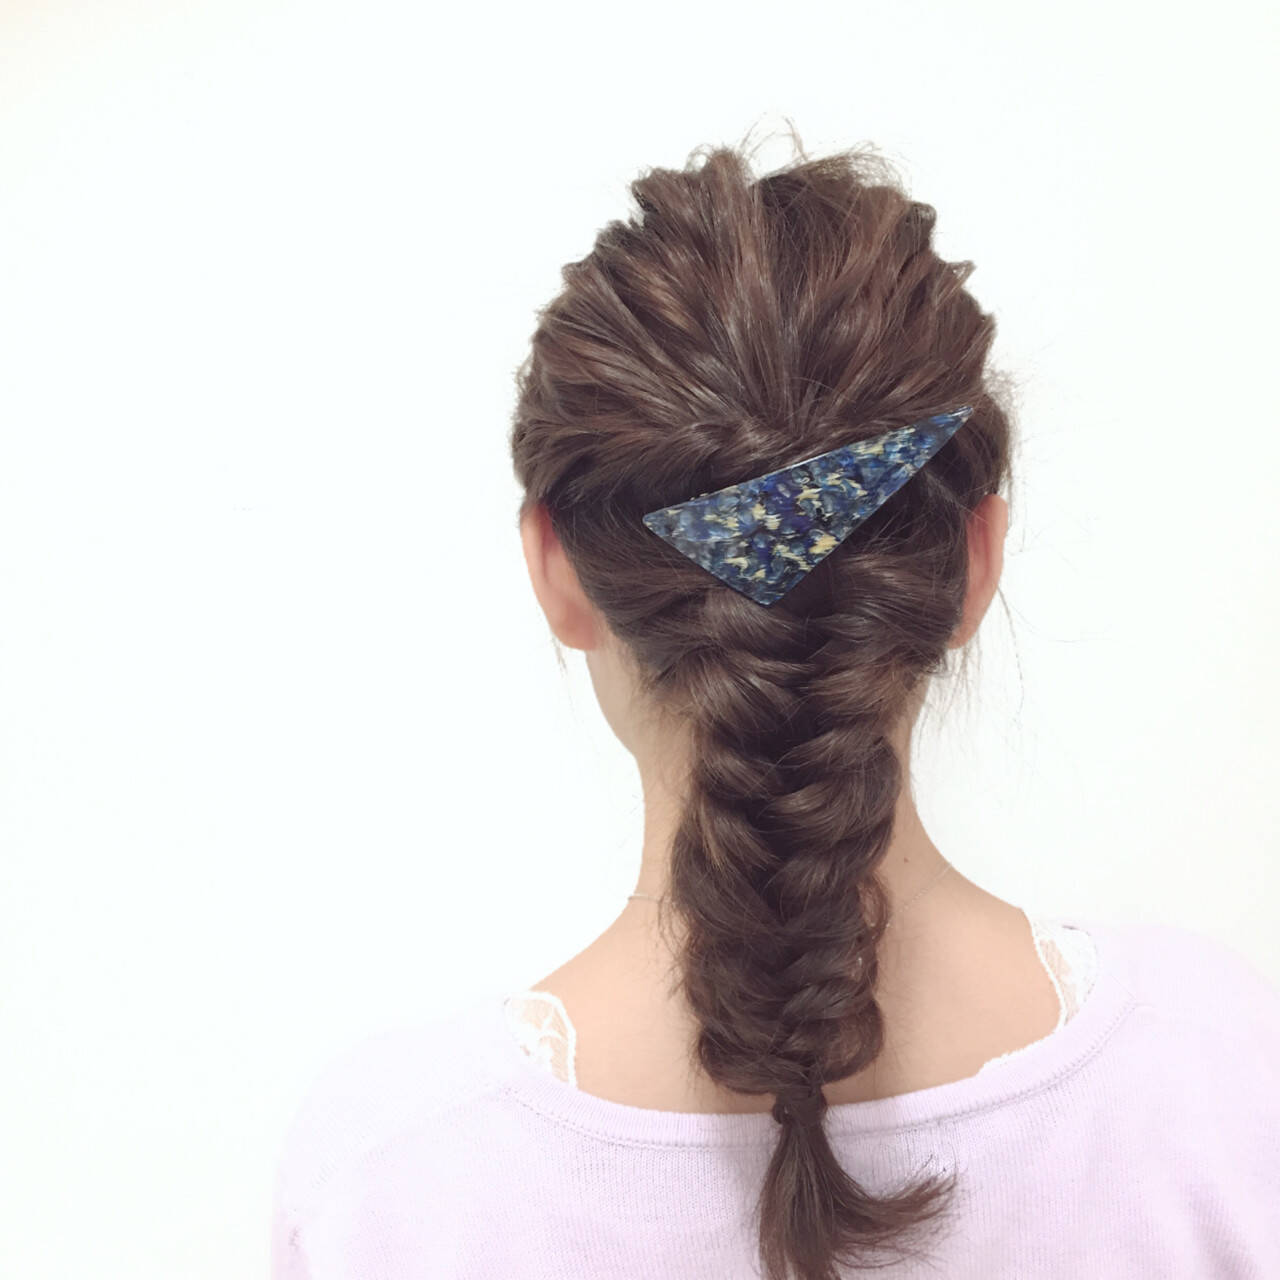 ミディアム ヘアアレンジ 編み込み フェミニンヘアスタイルや髪型の写真・画像